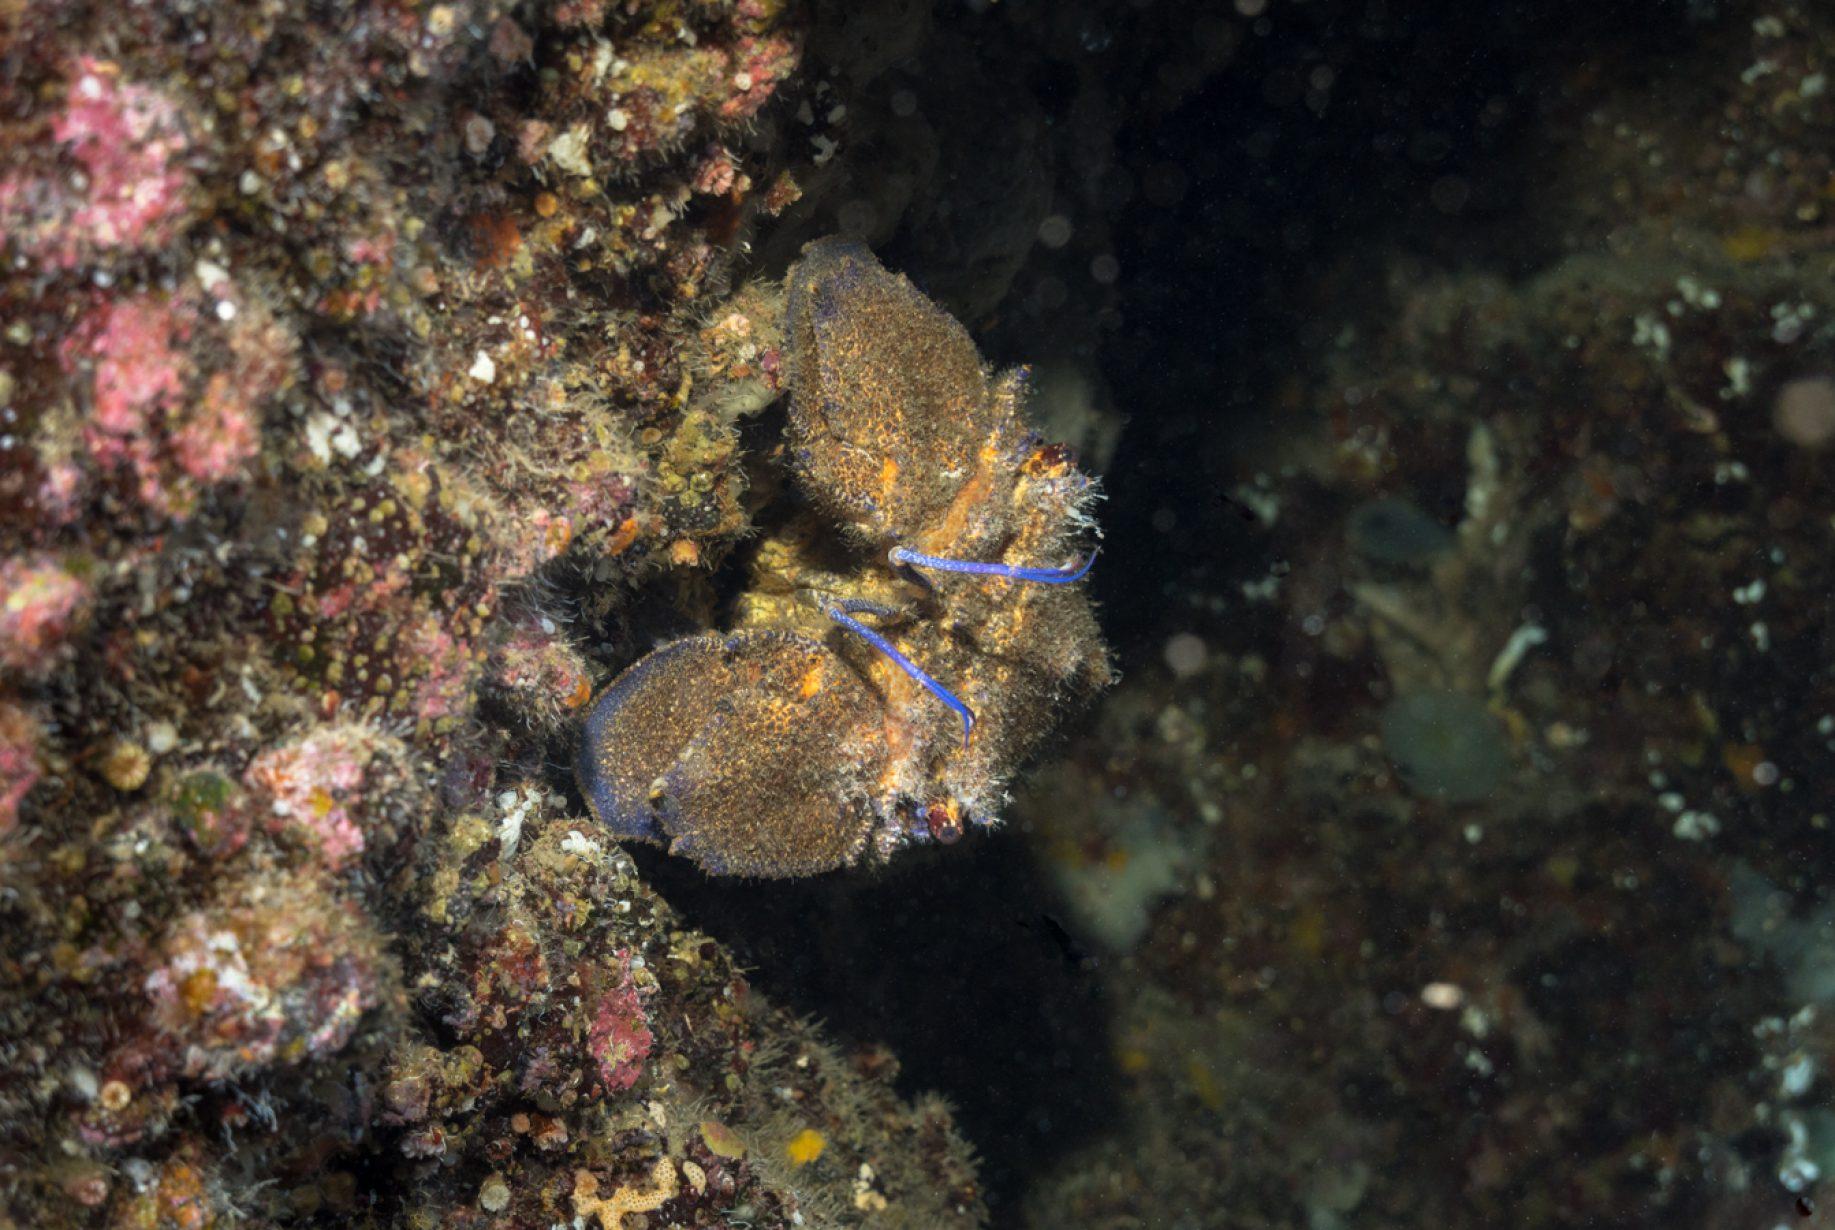 Scyllarides latus, la langosta zapatilla del Mediterráneo, es una especie de langosta zapatilla que se encuentra en el Mar Mediterráneo y en el Océano Atlántico oriental. Es comestible y altamente considerado como alimento, pero ahora es raro en gran parte de su rango debido a la sobrepesca.